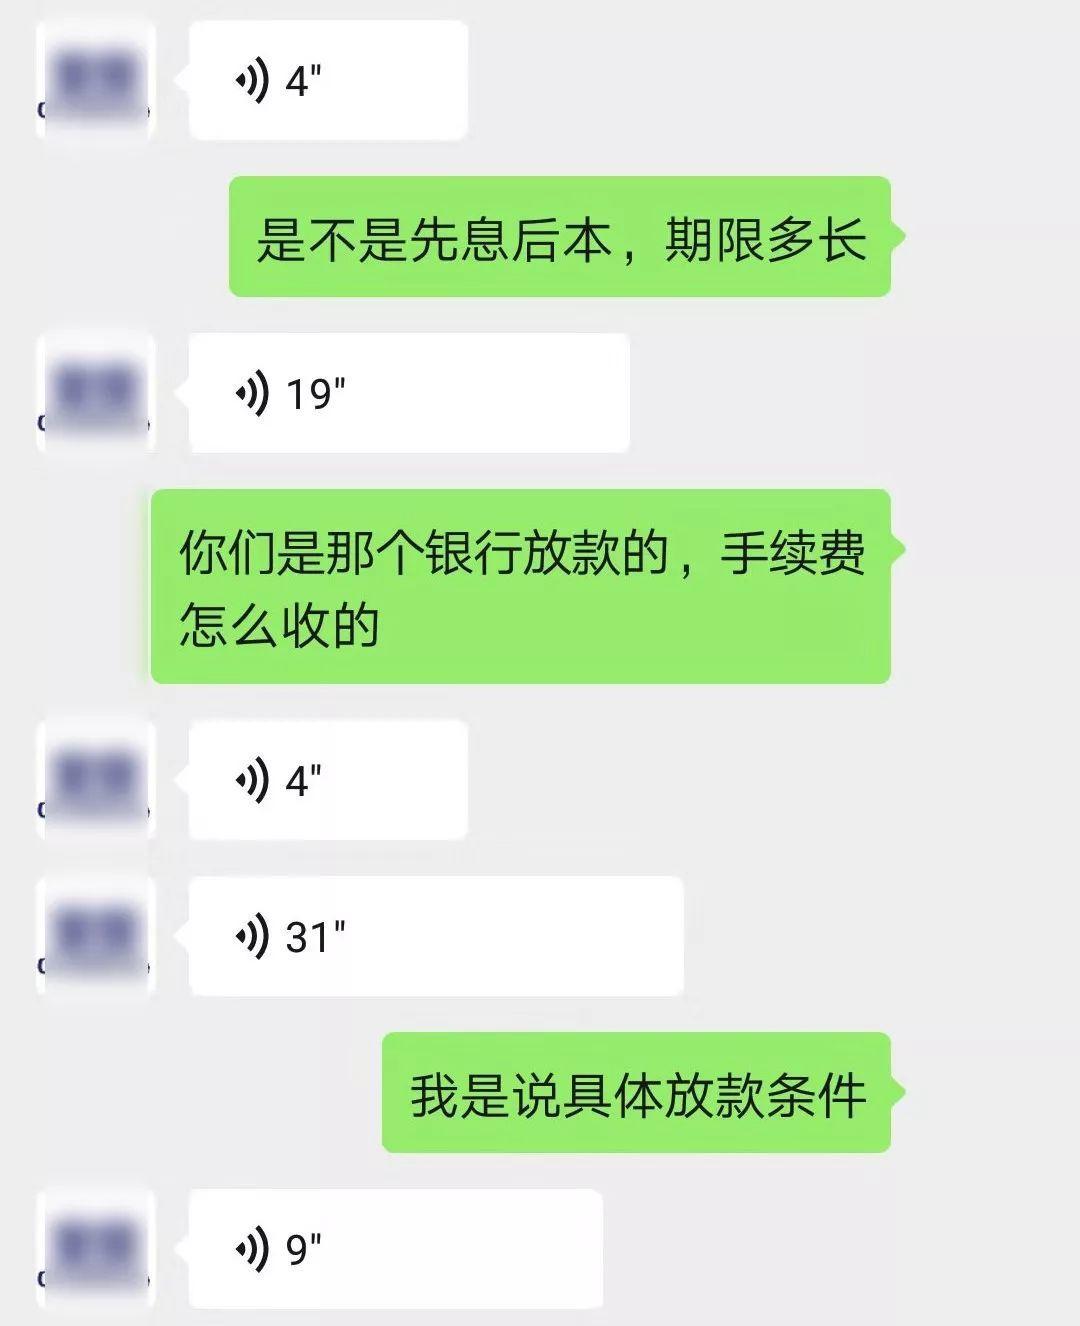 """曝光!东莞男子被""""网贷诈骗""""全过程!步步都是精心设计的陷阱!插图4"""